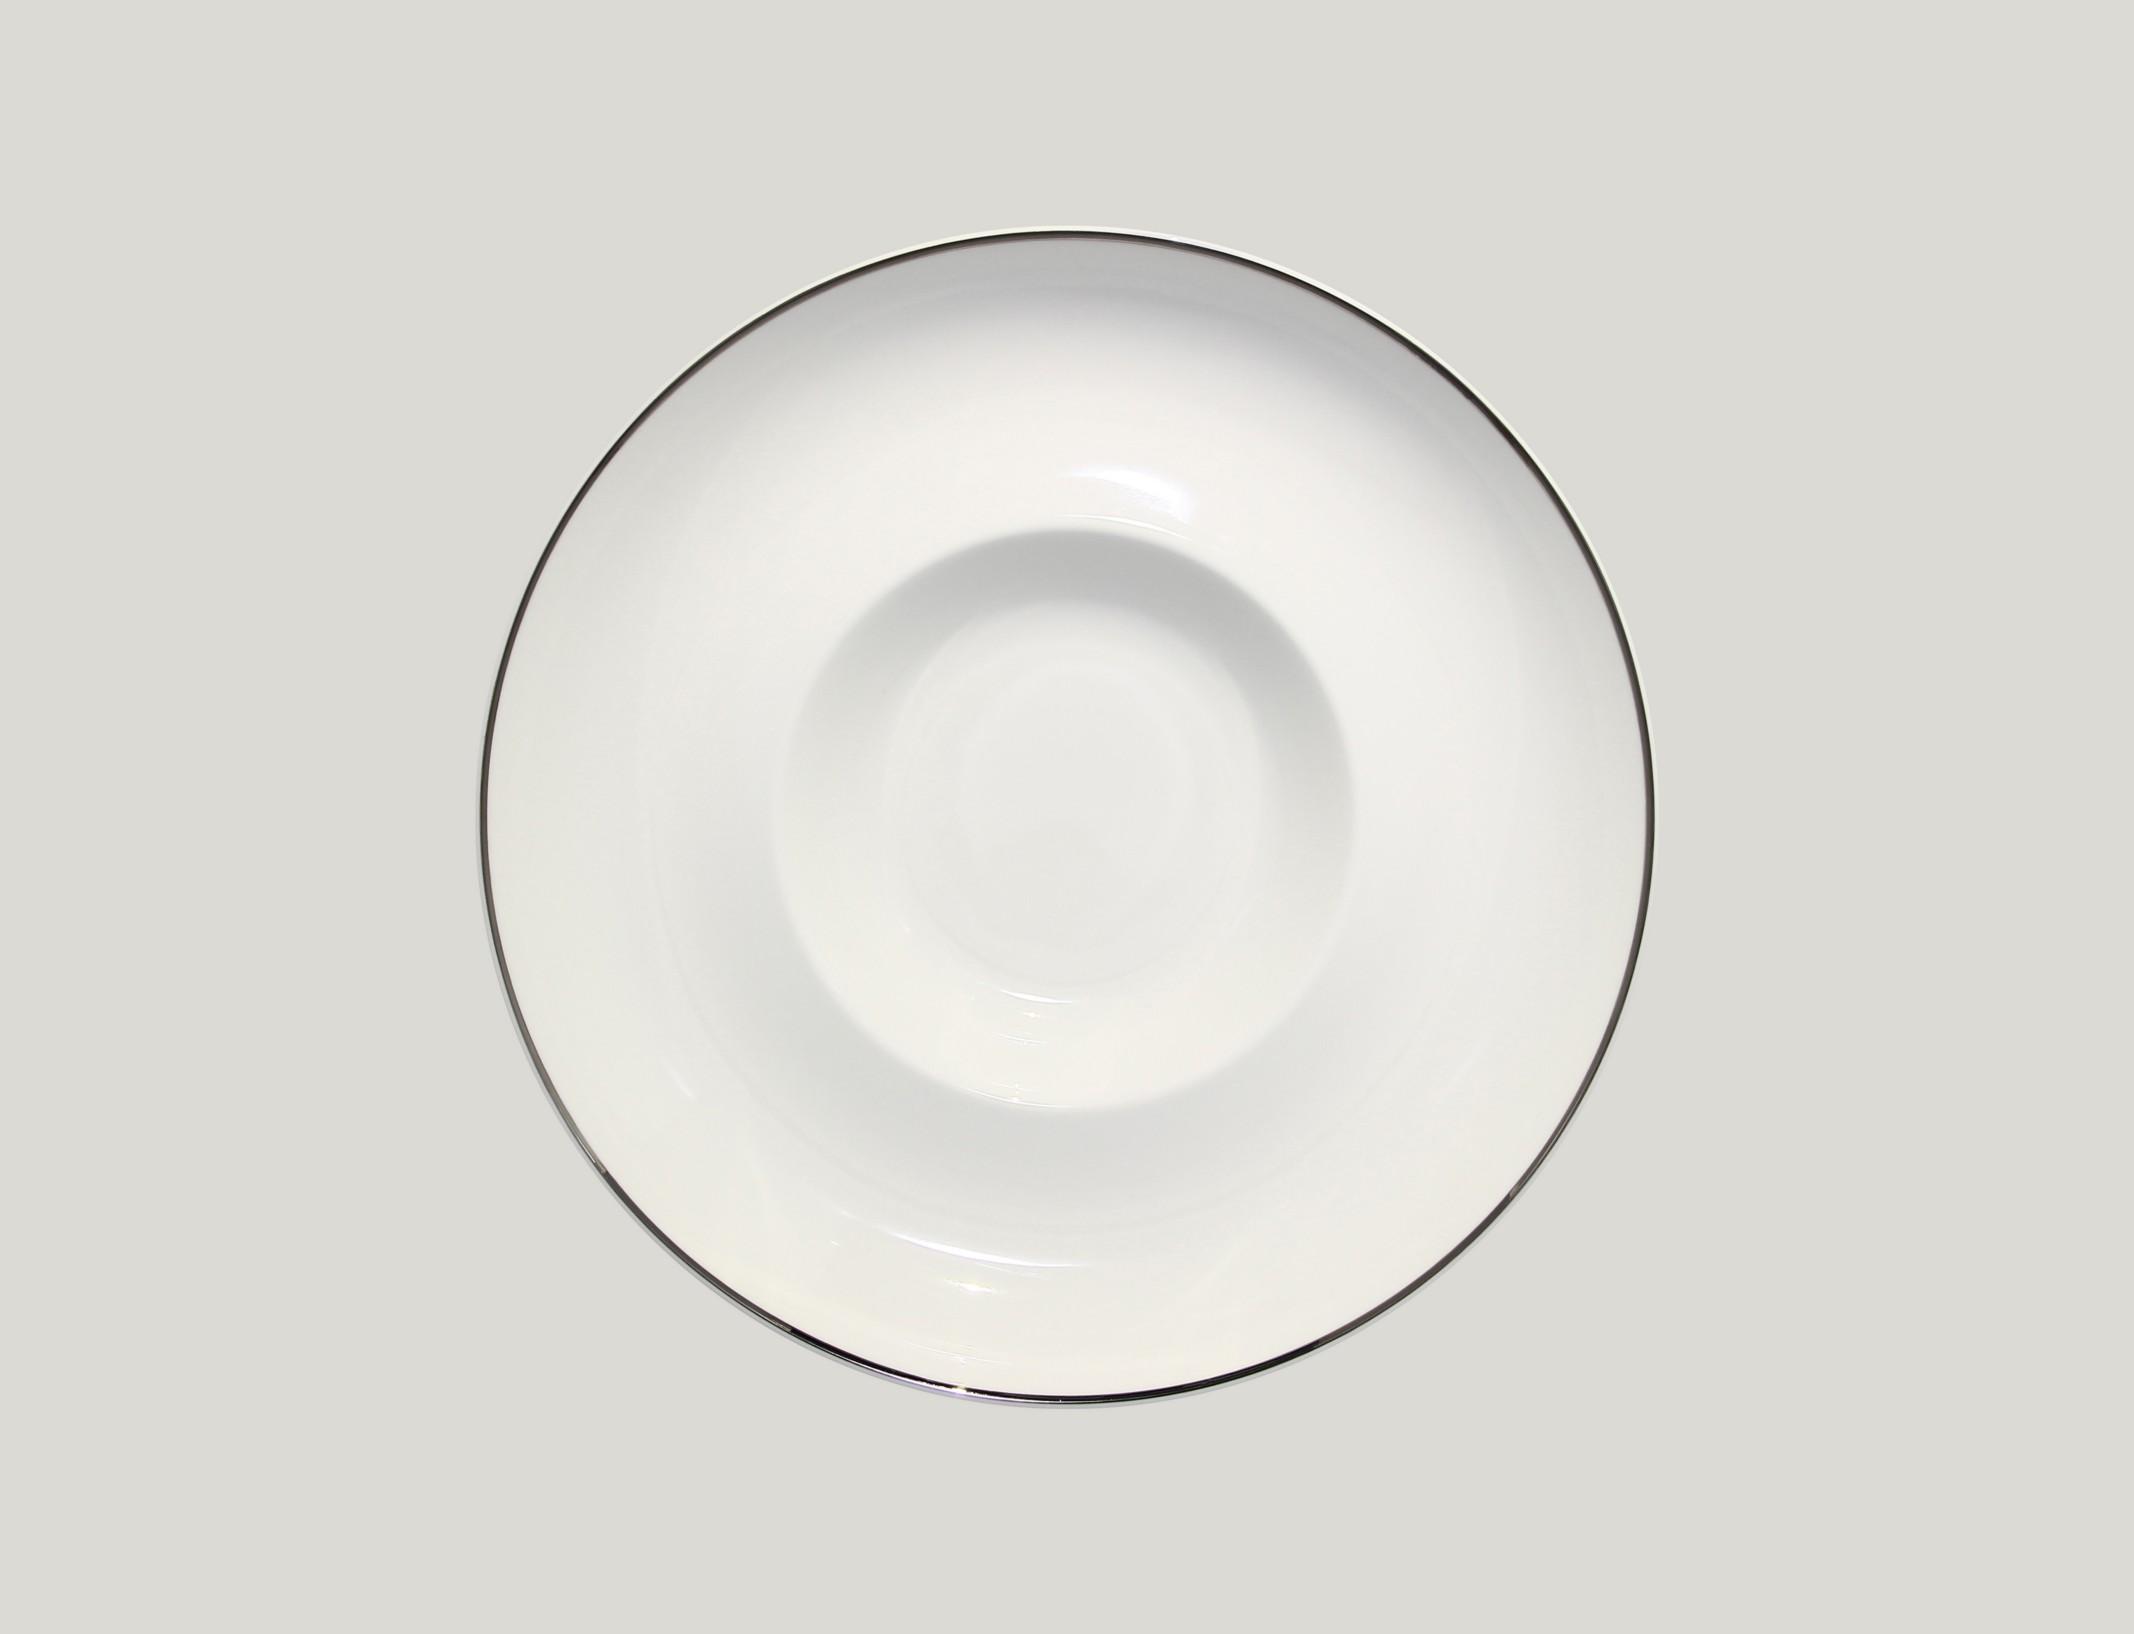 Gourmet Hluboký talíř - S PLATINOVOU LINII PLATINUM